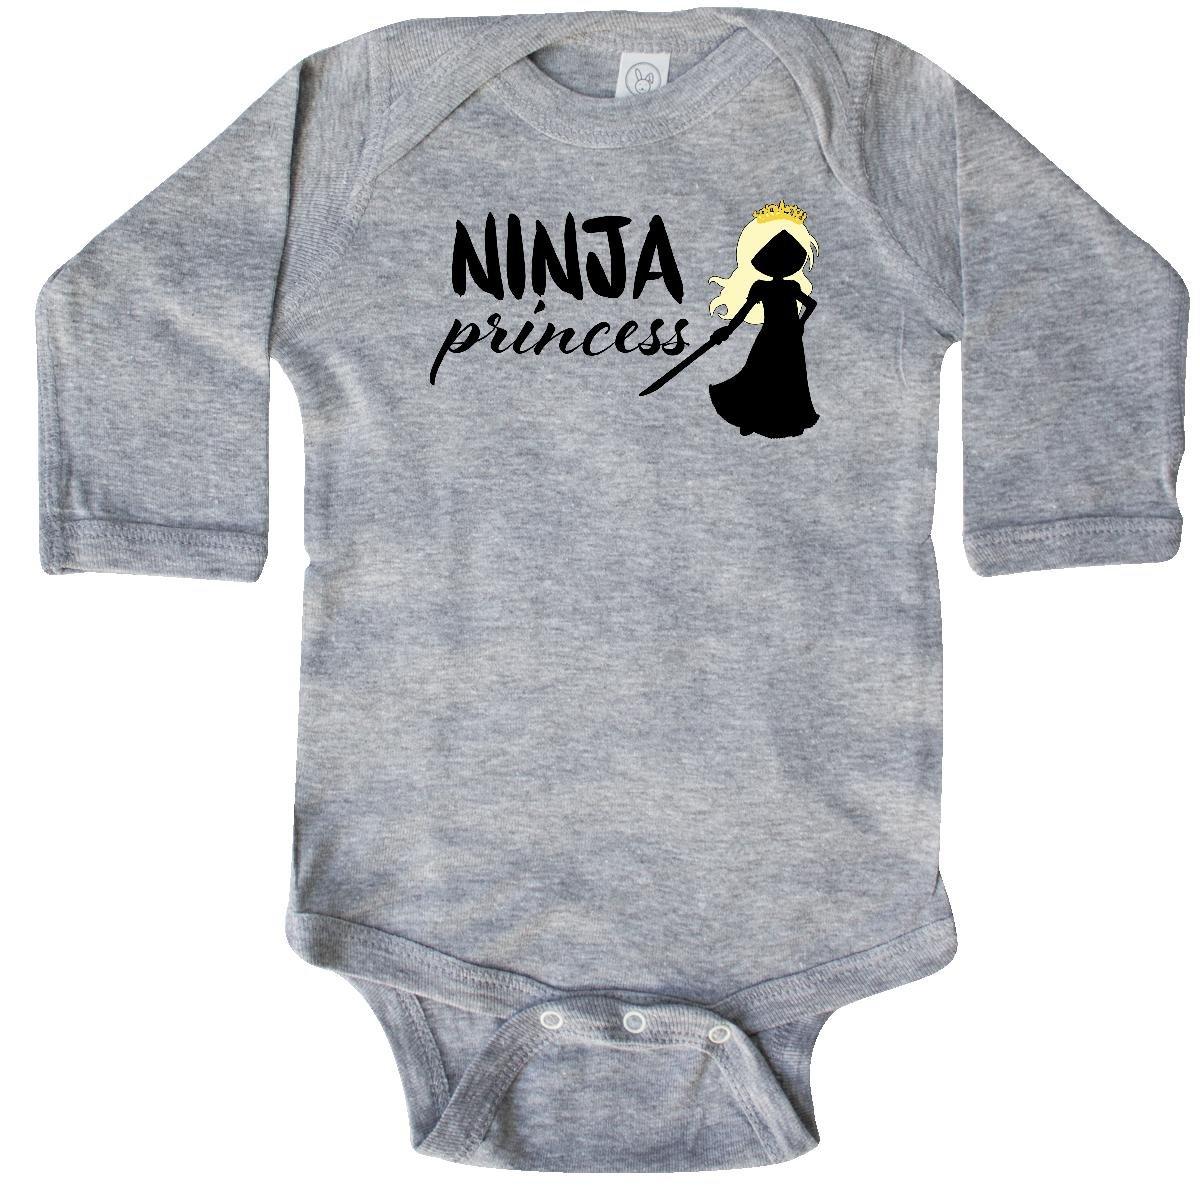 Amazon.com: inktastic - Ninja Princess-Blond Silhouette Long ...